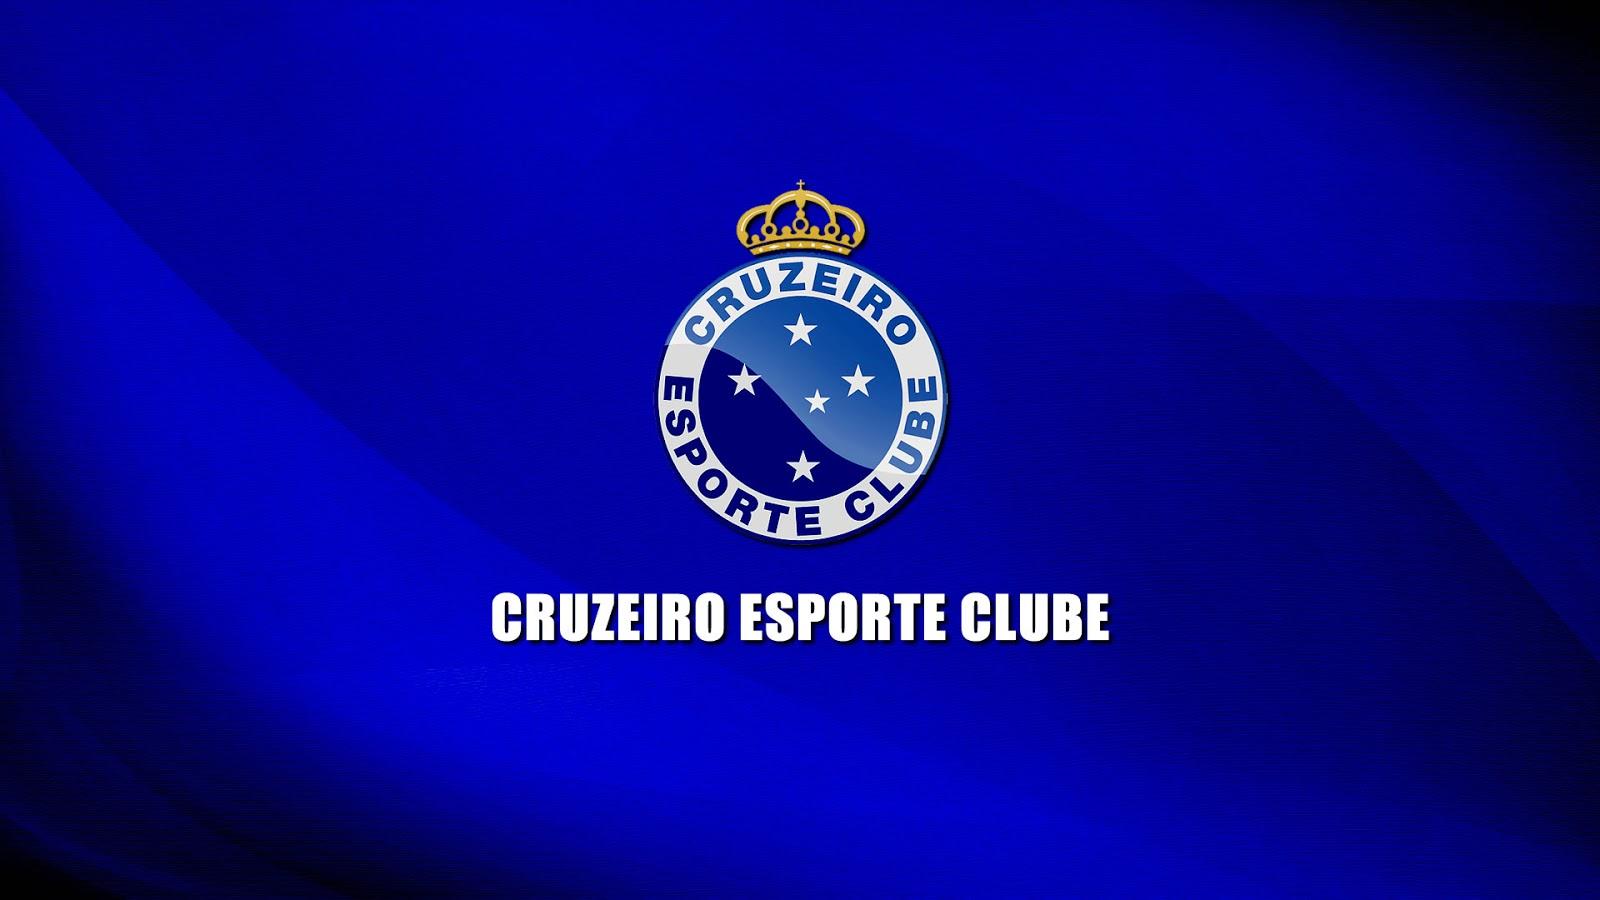 Cruzeiro Esporte Clube 3fba0d7b41534